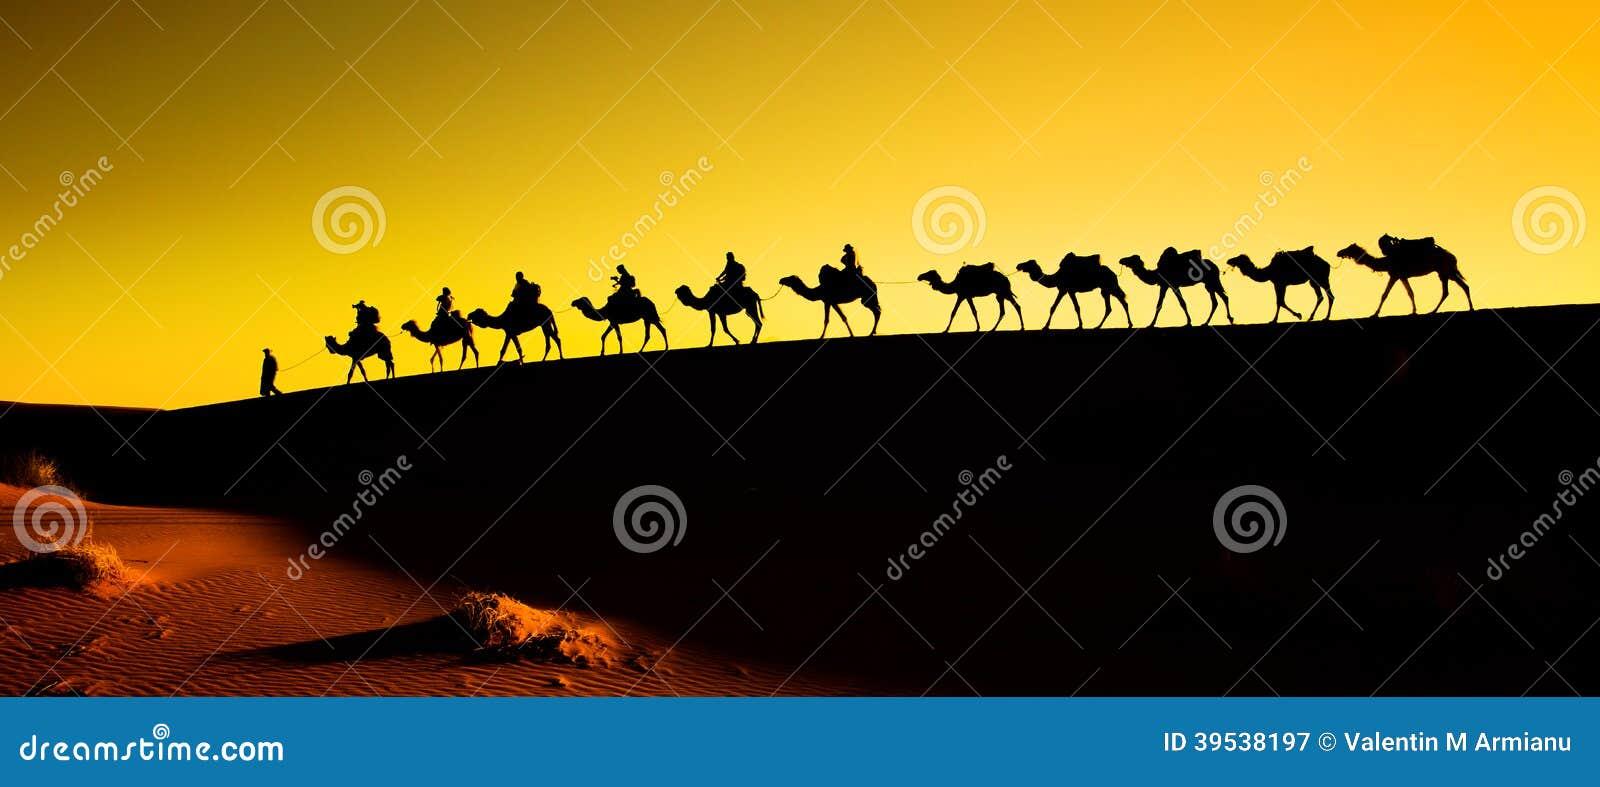 骆驼有蓬卡车的剪影